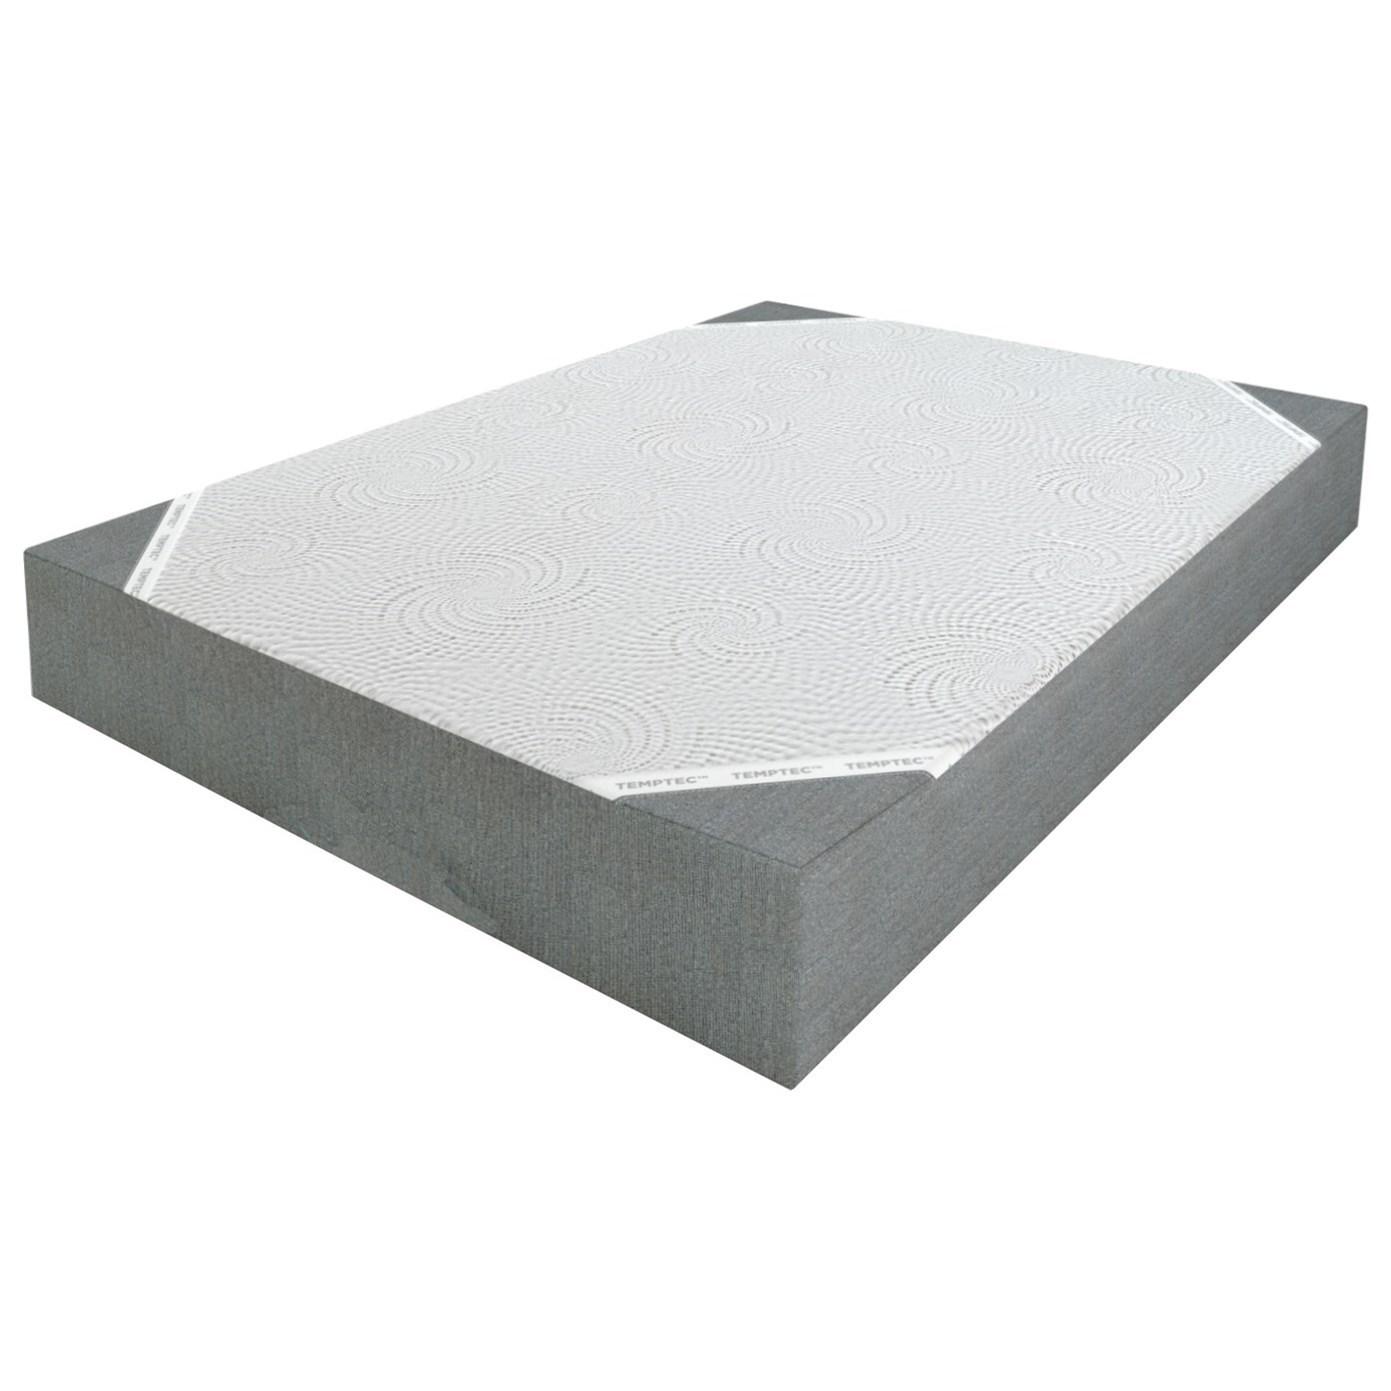 """Transform 10 Twin 10"""" Memory Foam Mattress by Glideaway at Standard Furniture"""